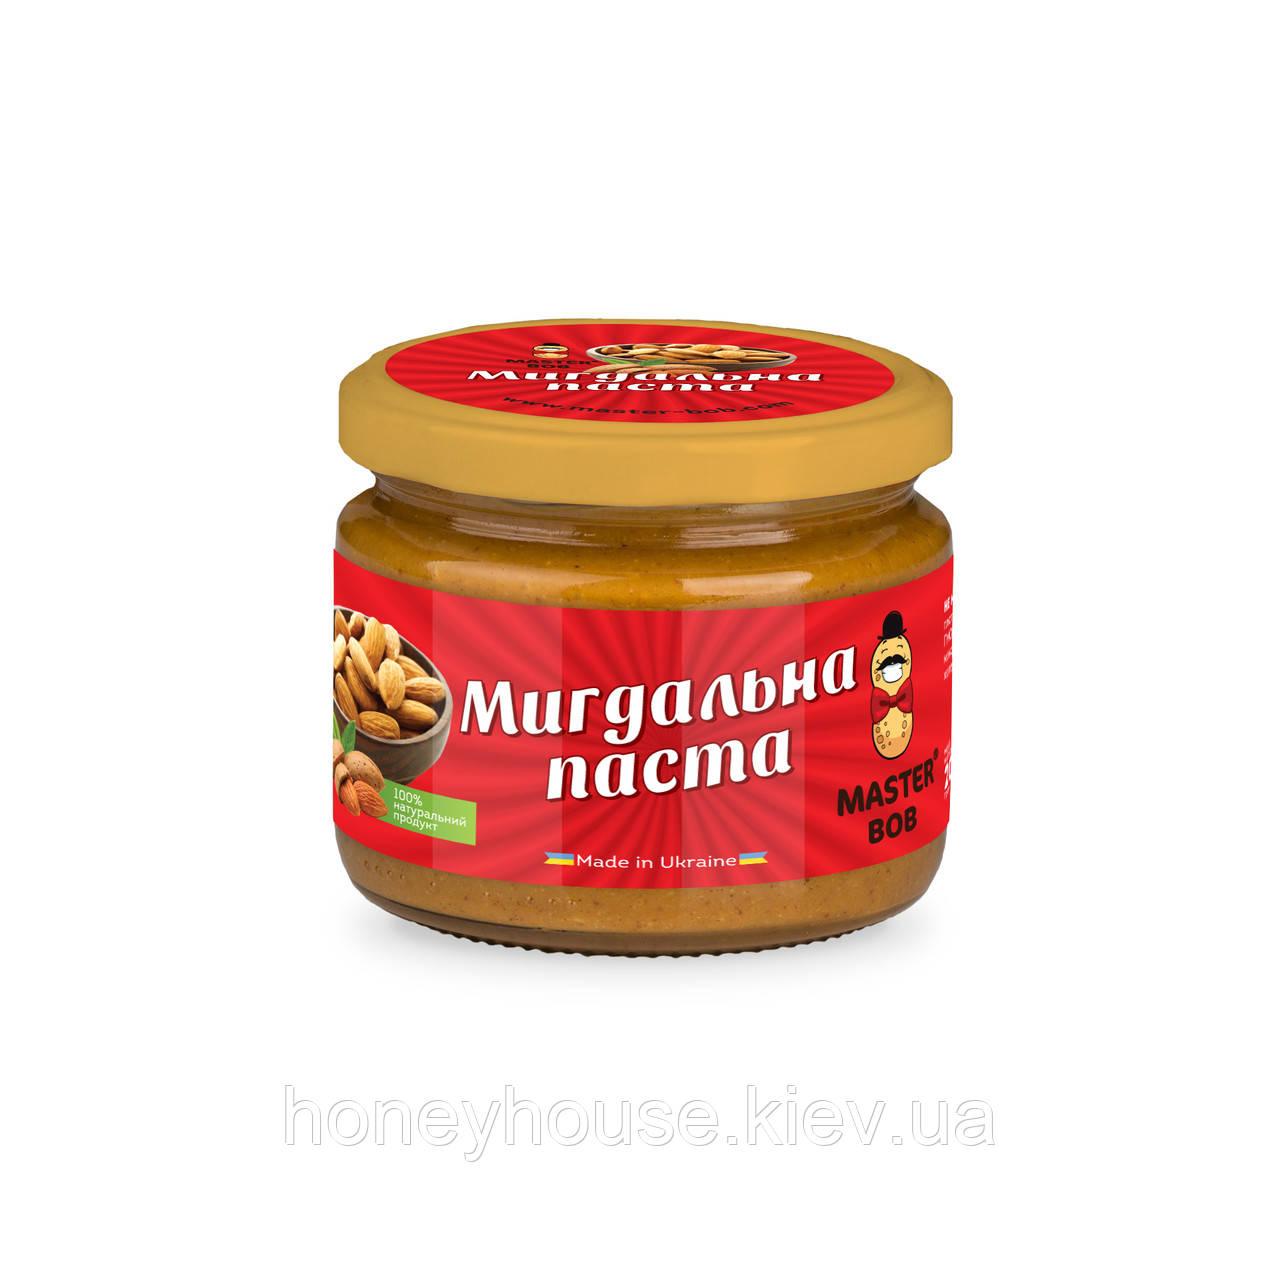 Паста миндальная ТМ Мастер Боб, 200гр